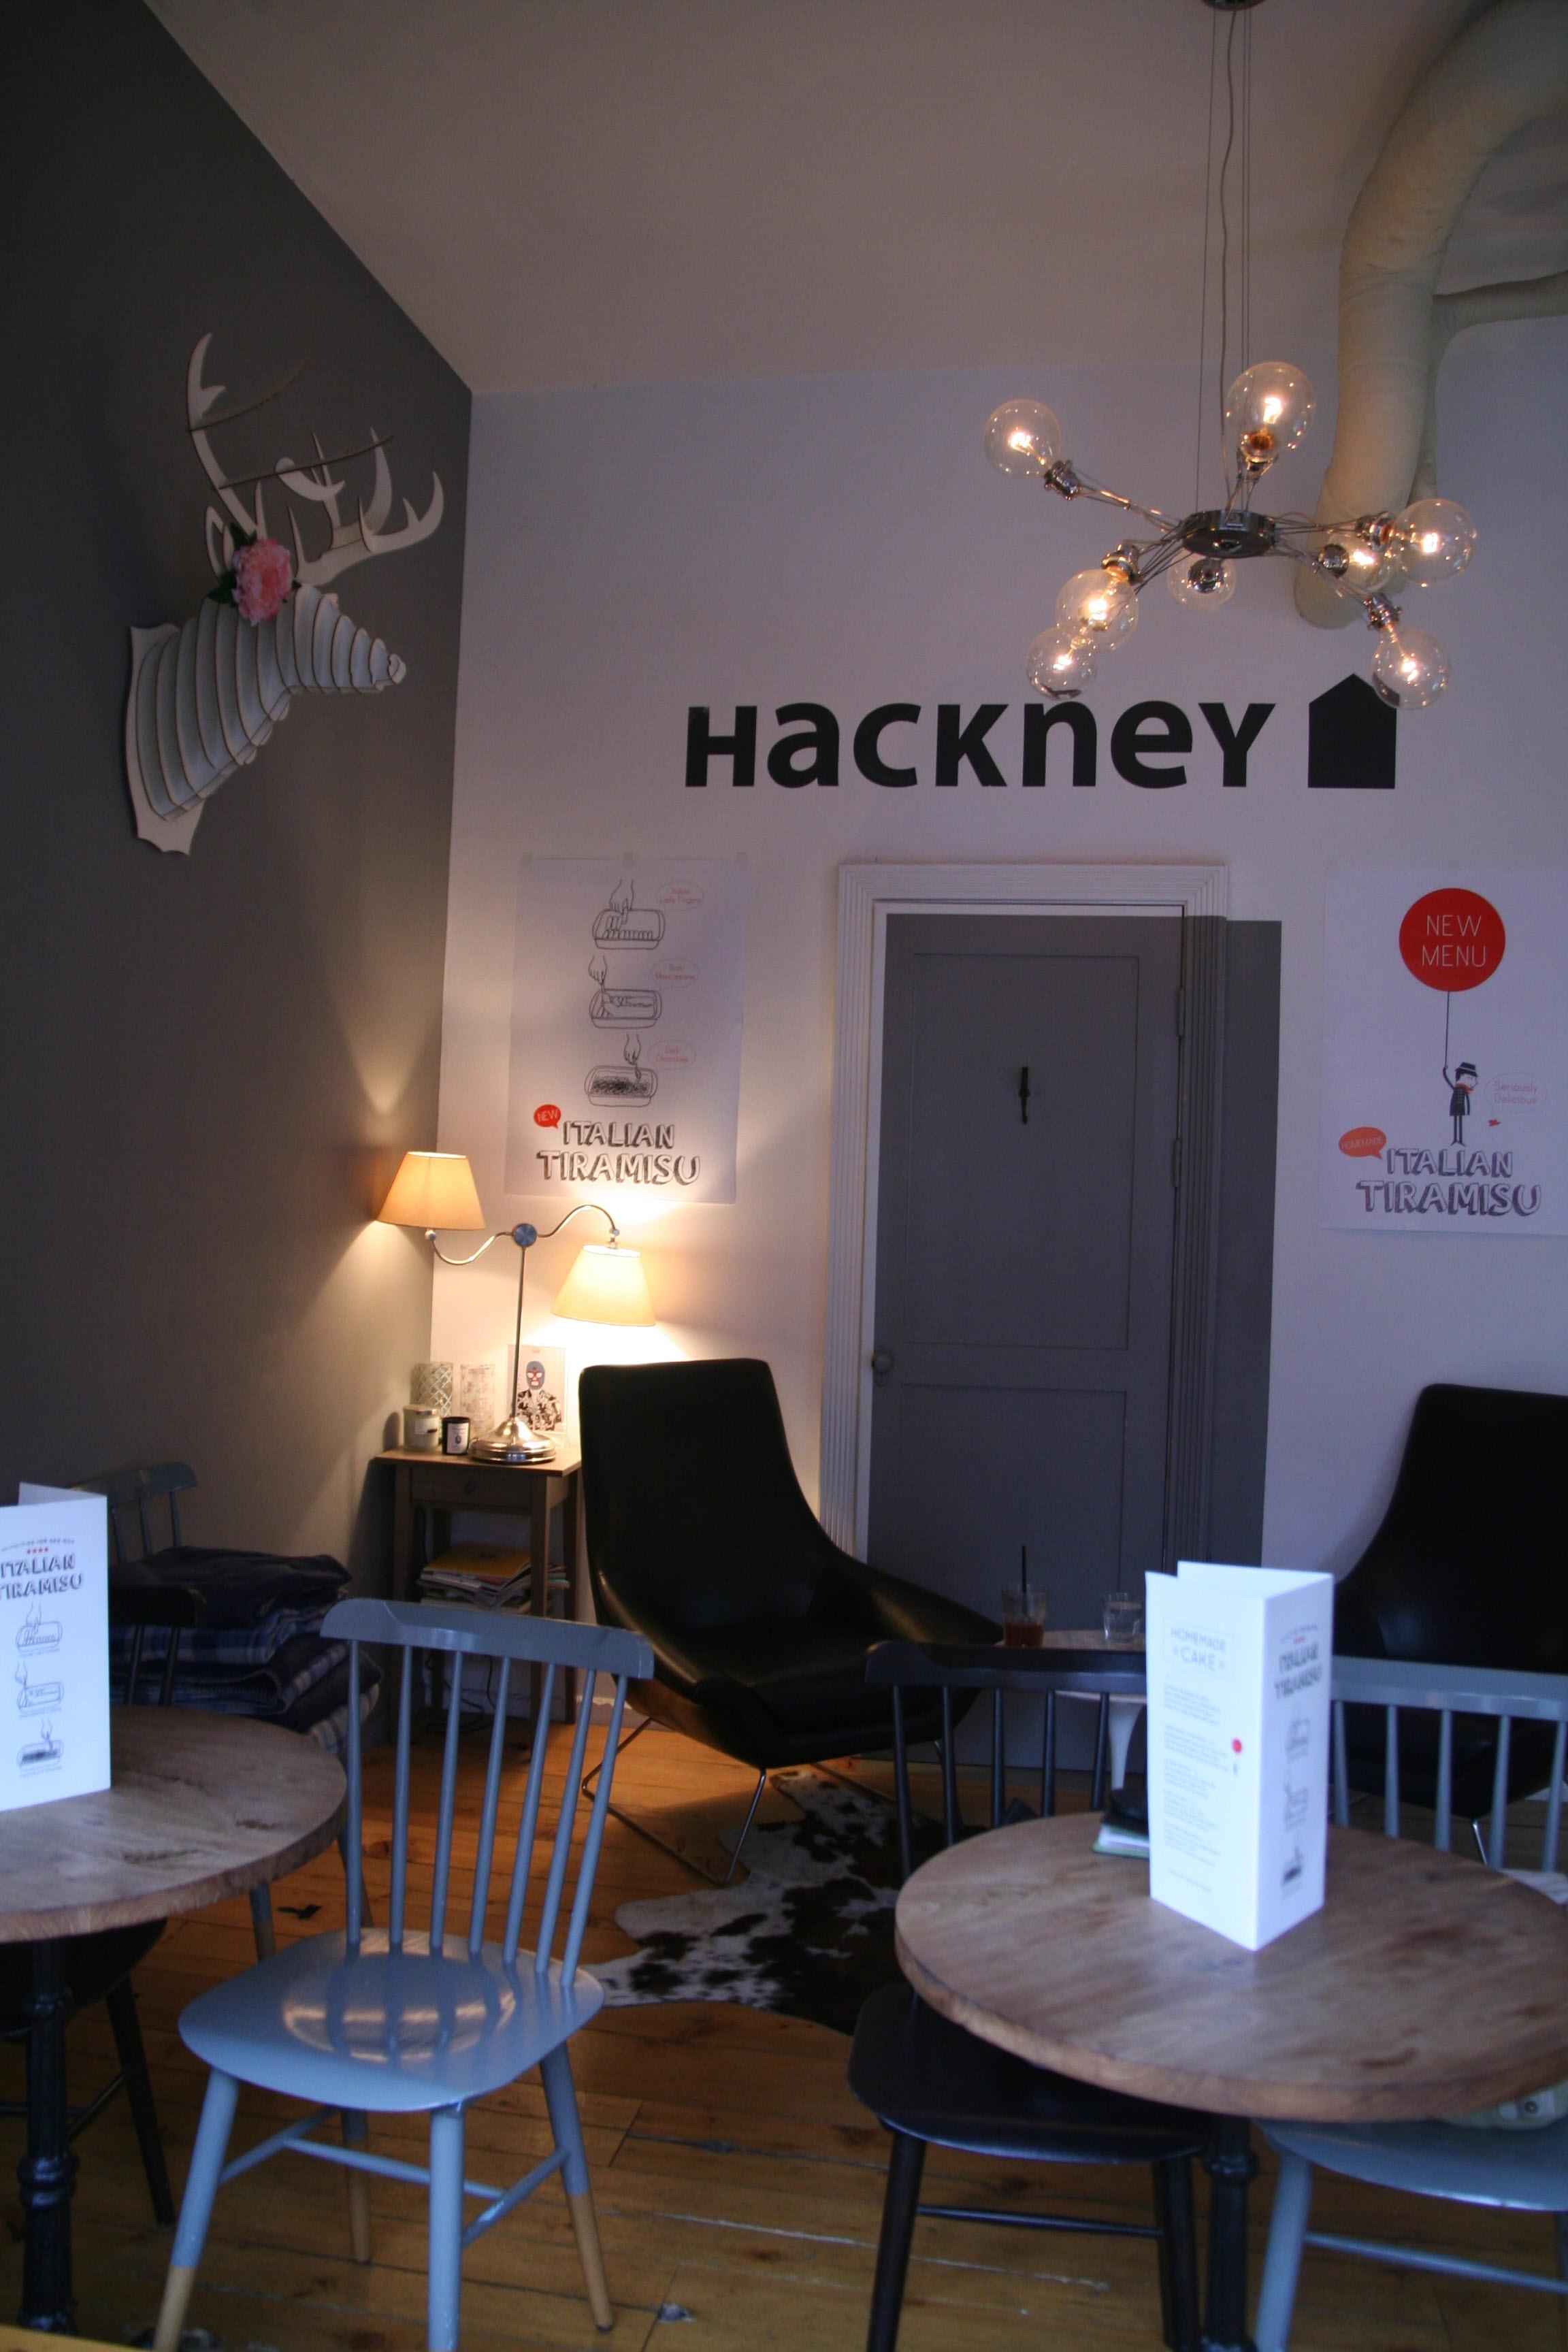 해크니의 내부 모습. 흰 벽에 검은 글자로 HACKNEY라고 쓰여 있고, 한쪽 벽면은 회색으로 페인트칠이 되어 있으며 위쪽에 사슴의 머리 모양 모형이 매달려 있다. 아래에는 회색으로 된 화장실 문, 그리고 나무로 되어 있는 동그란 테이블 두 개와 철제 의자들이 놓여 있다.